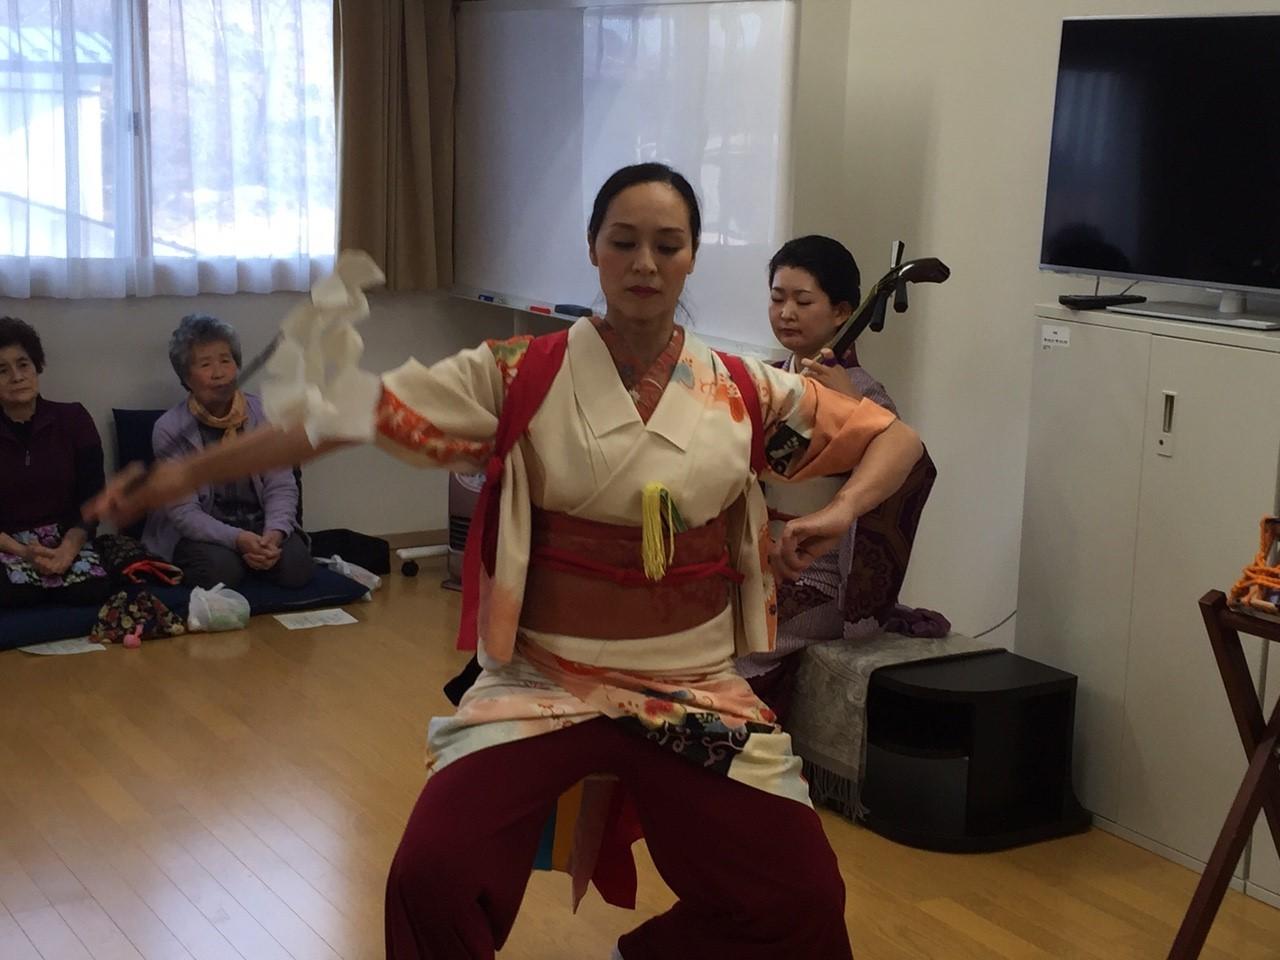 今回、踊り子ゆっこの希望で新たにアレンジした演目。ゆっこが学生時代に地元に通って習った岩手の「中野七頭舞」をベースにアレンジしました。